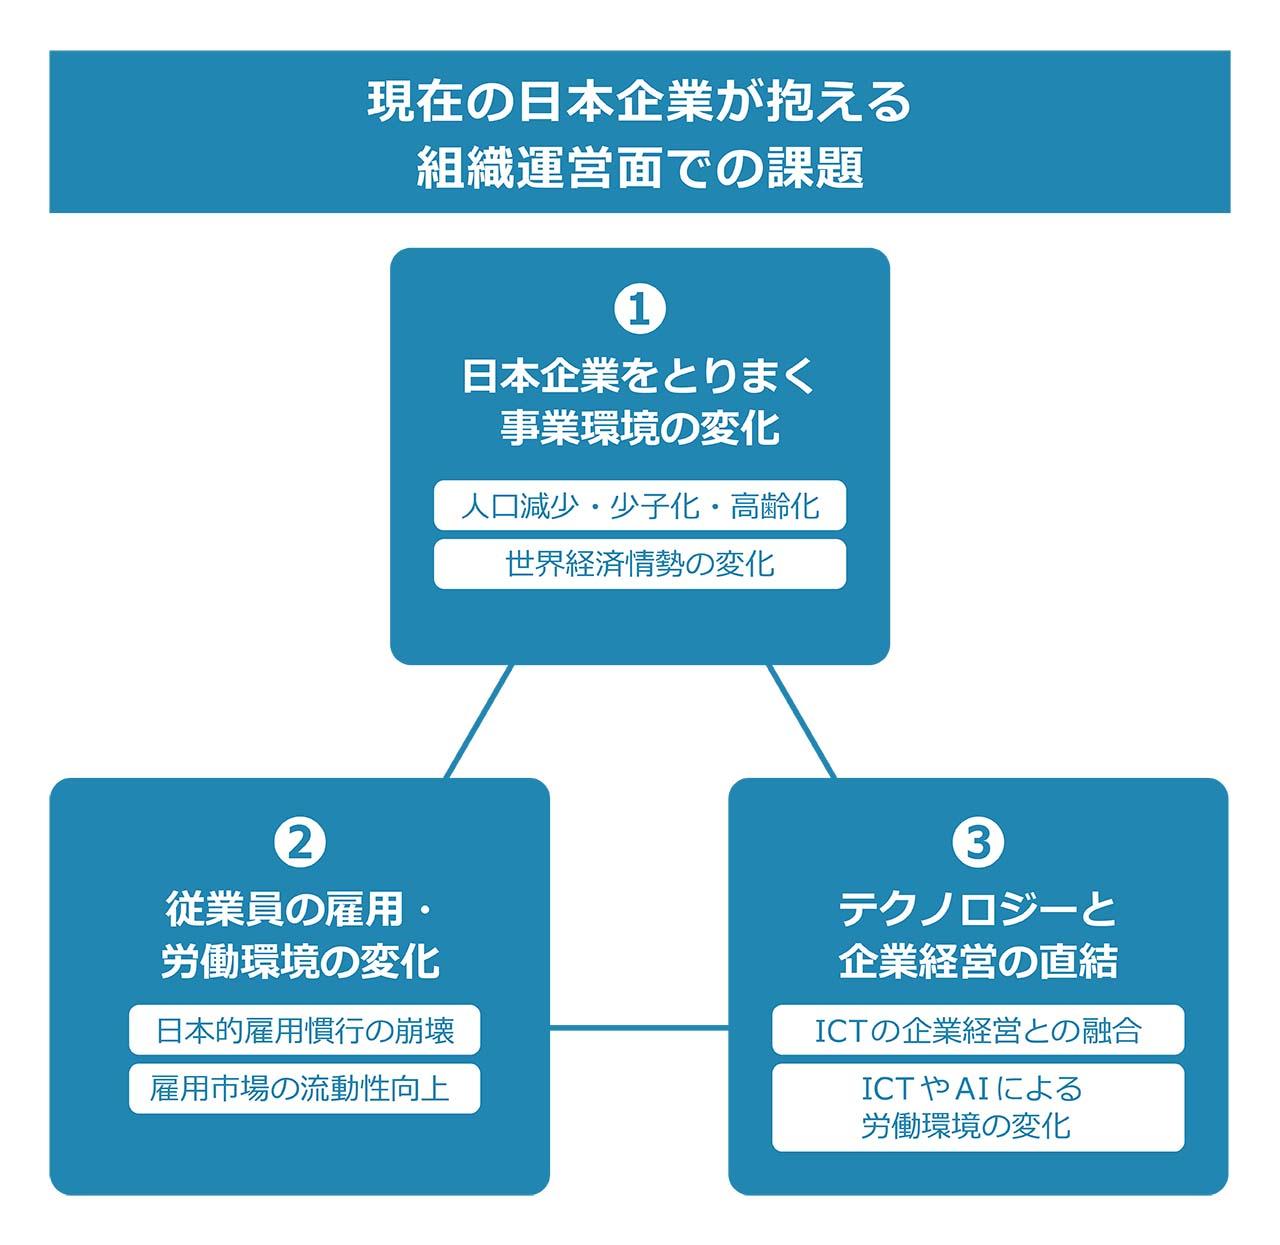 令和時代の日本企業に求められる「組織風土変革」のあり方